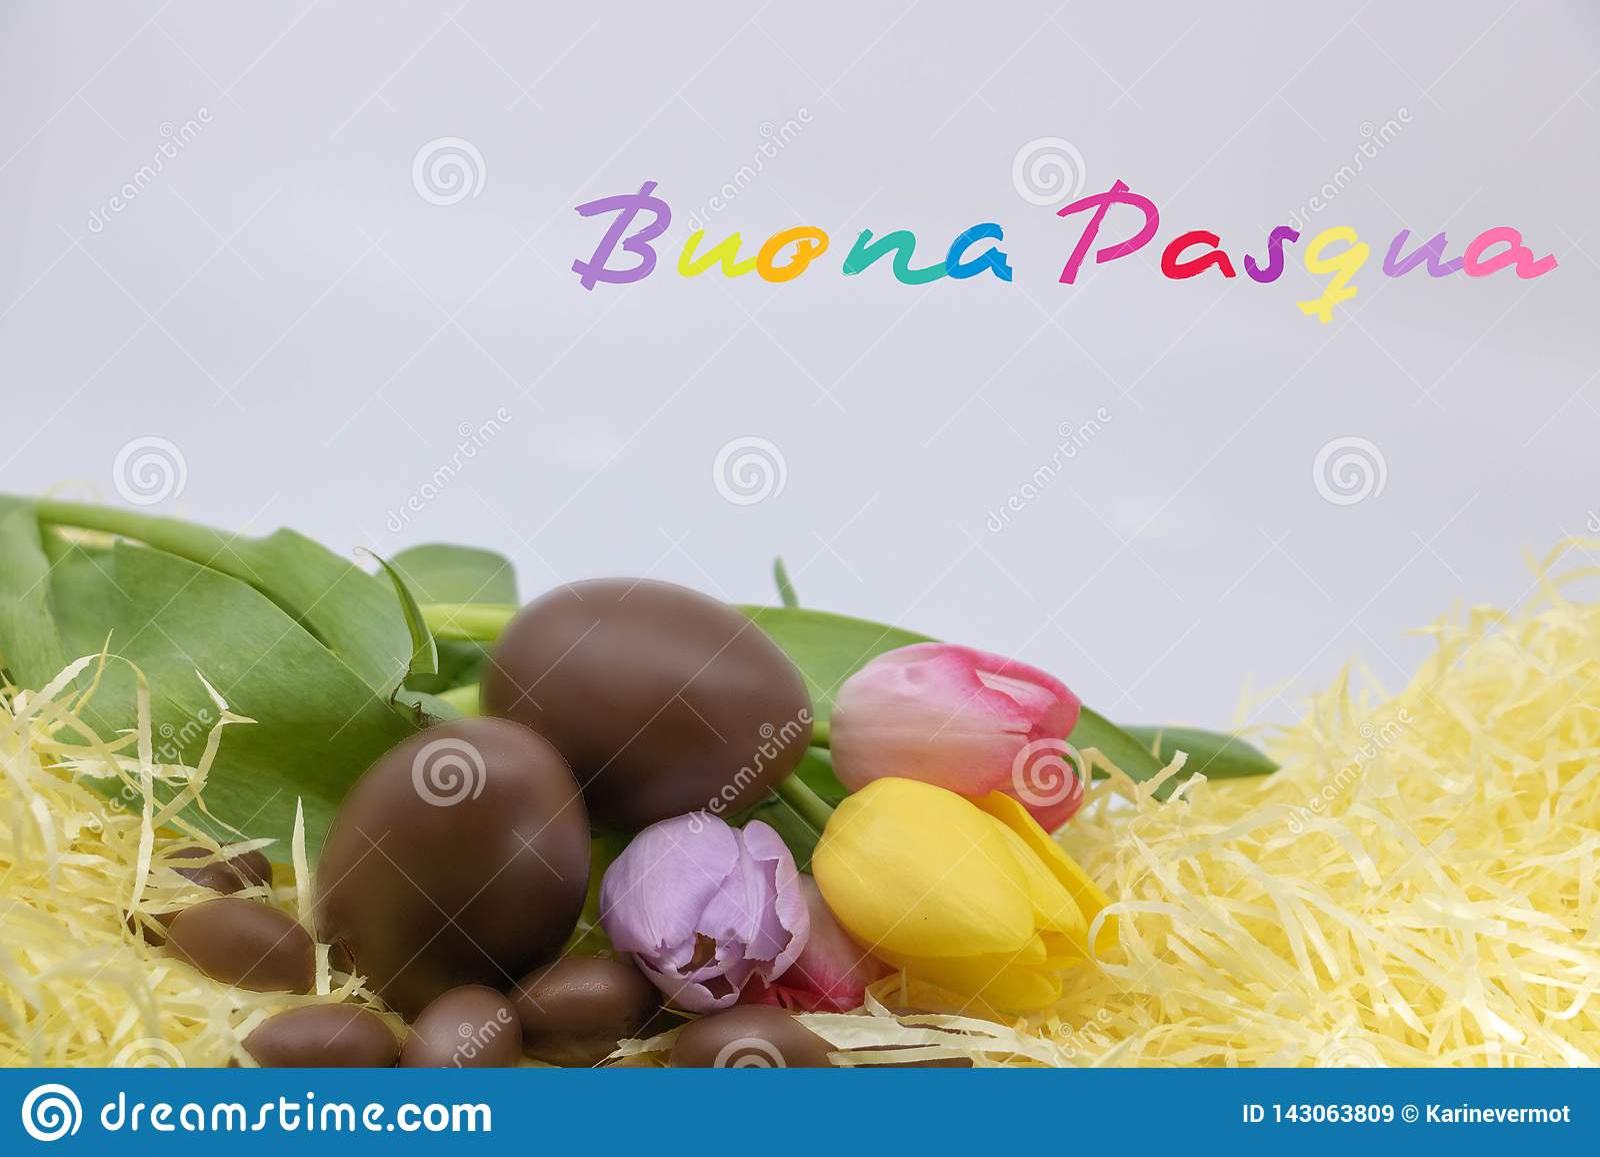 Το πολύ ζωηρόχρωμο κείμενο Buona Pasqua είναι ευτυχές Πάσχα που γράφεται στα ιταλικά για Πάσχα